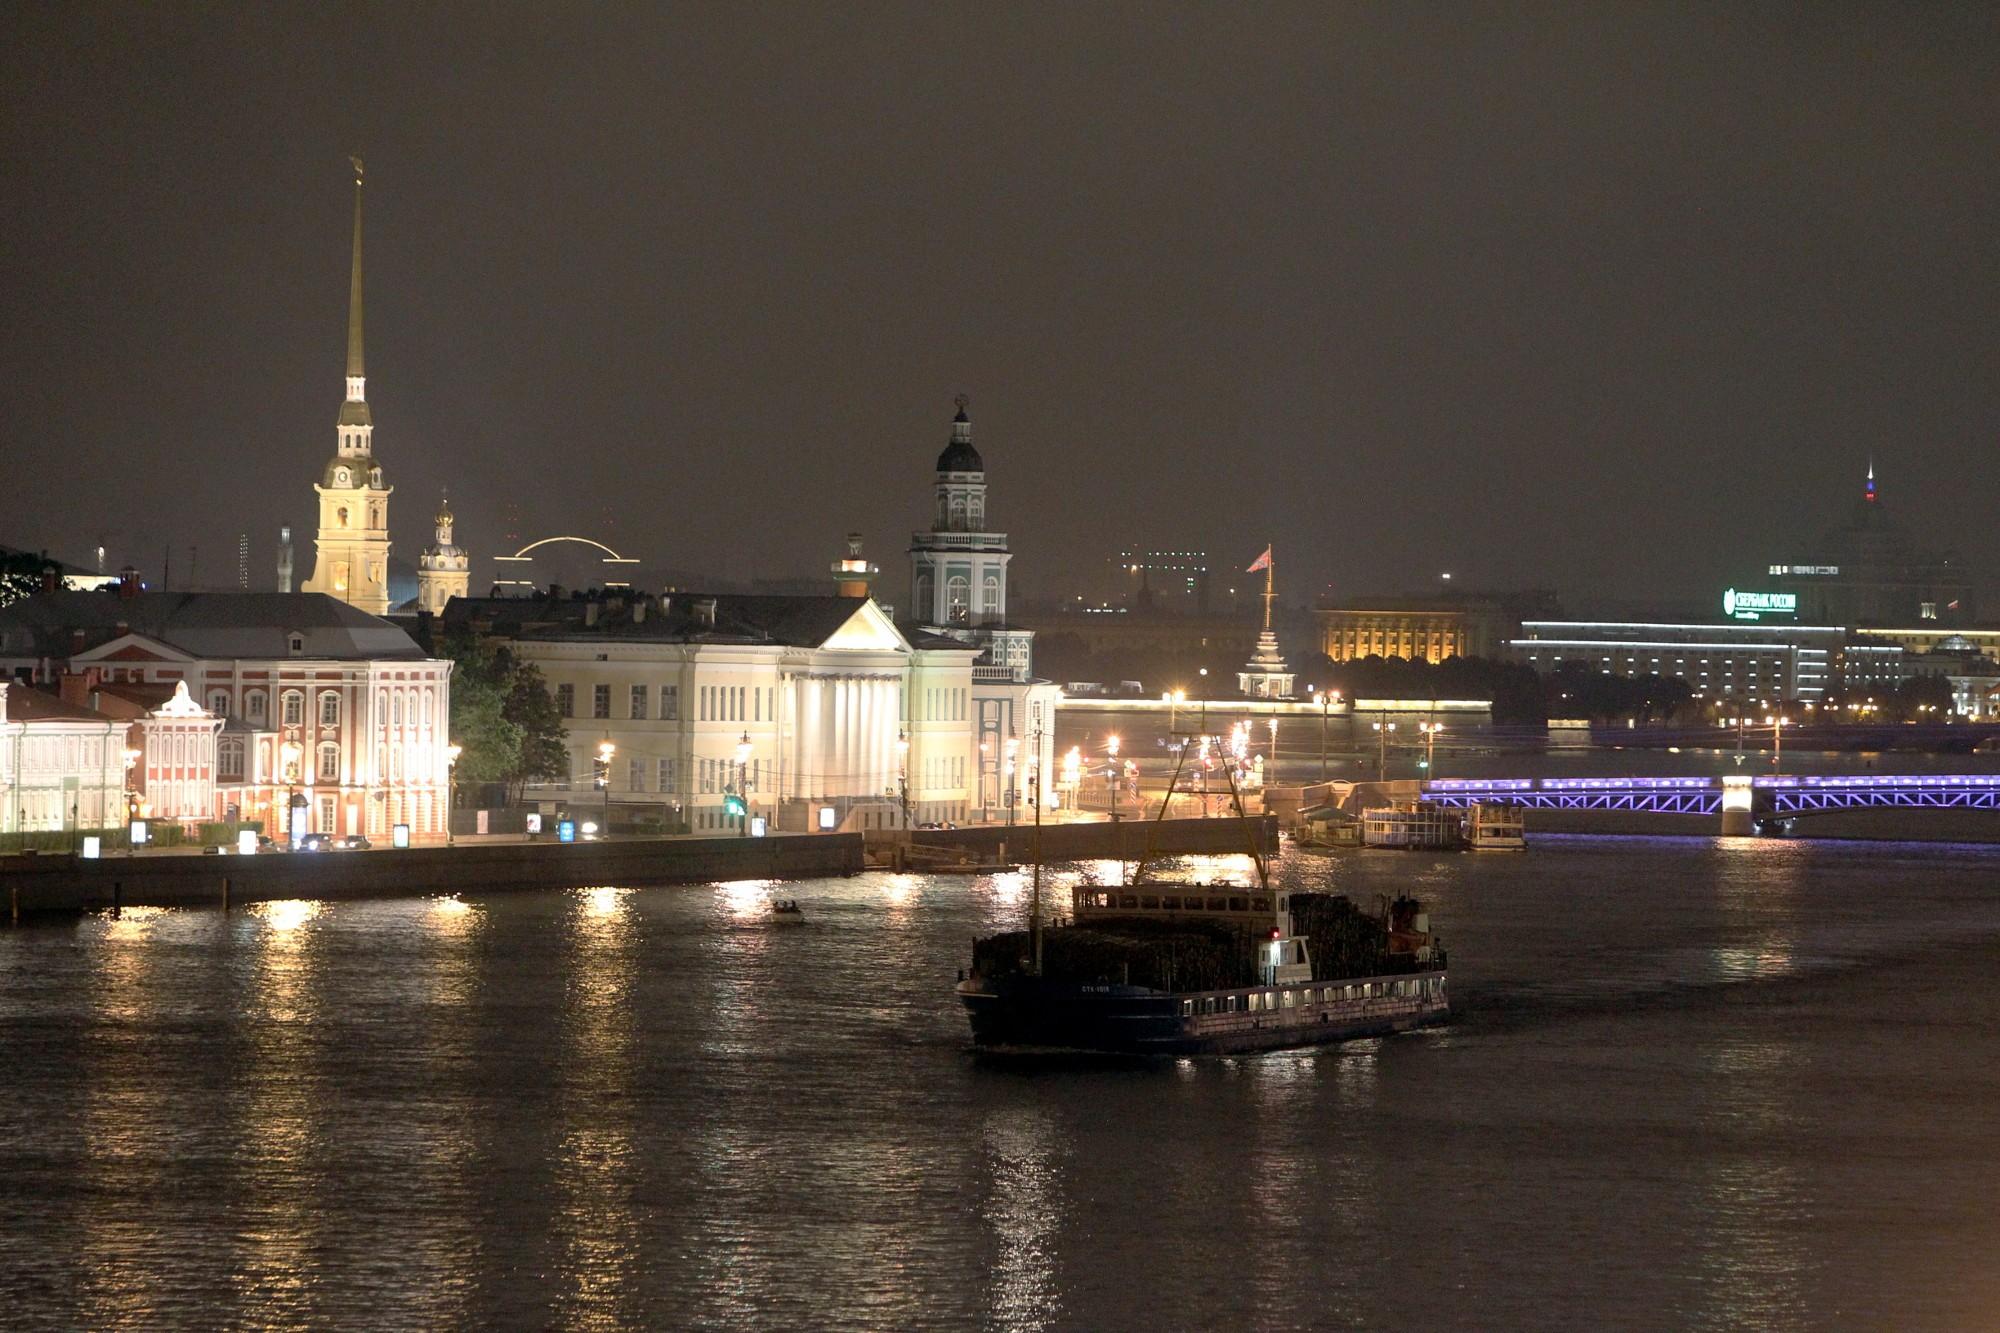 навигация судоходство нева кунсткамера петропавловская крепость университетская набережная дворцовый мост